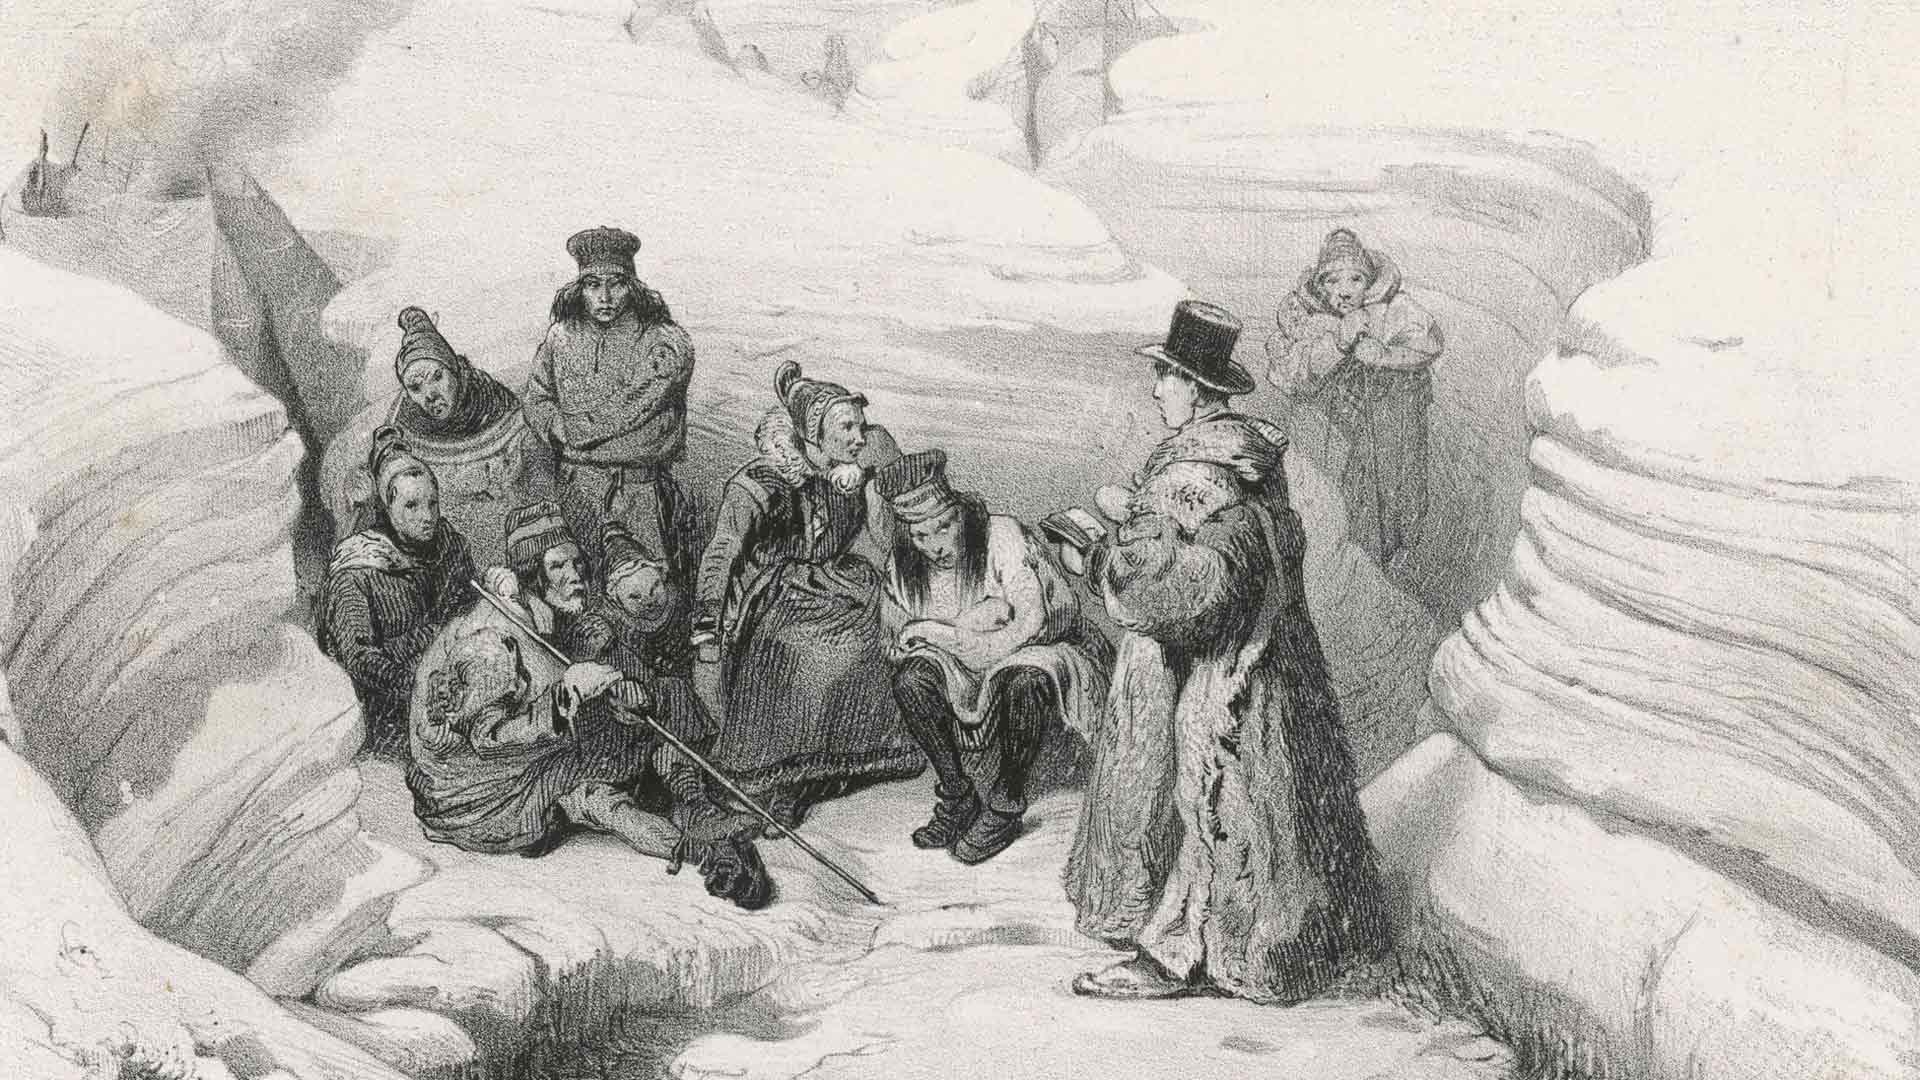 Karismaattinen saarnaaja Laestadius käännytti Ruotsin ja Suomen Lapissa rahvasta irti viinanhimosta ja synninteosta.